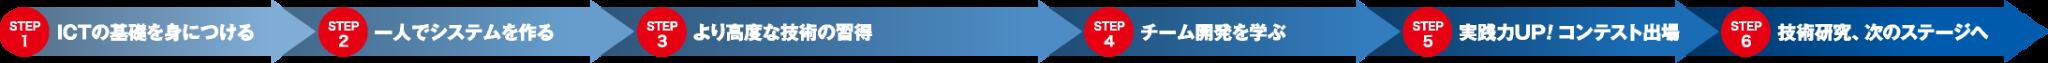 システム系学科ロードマップ